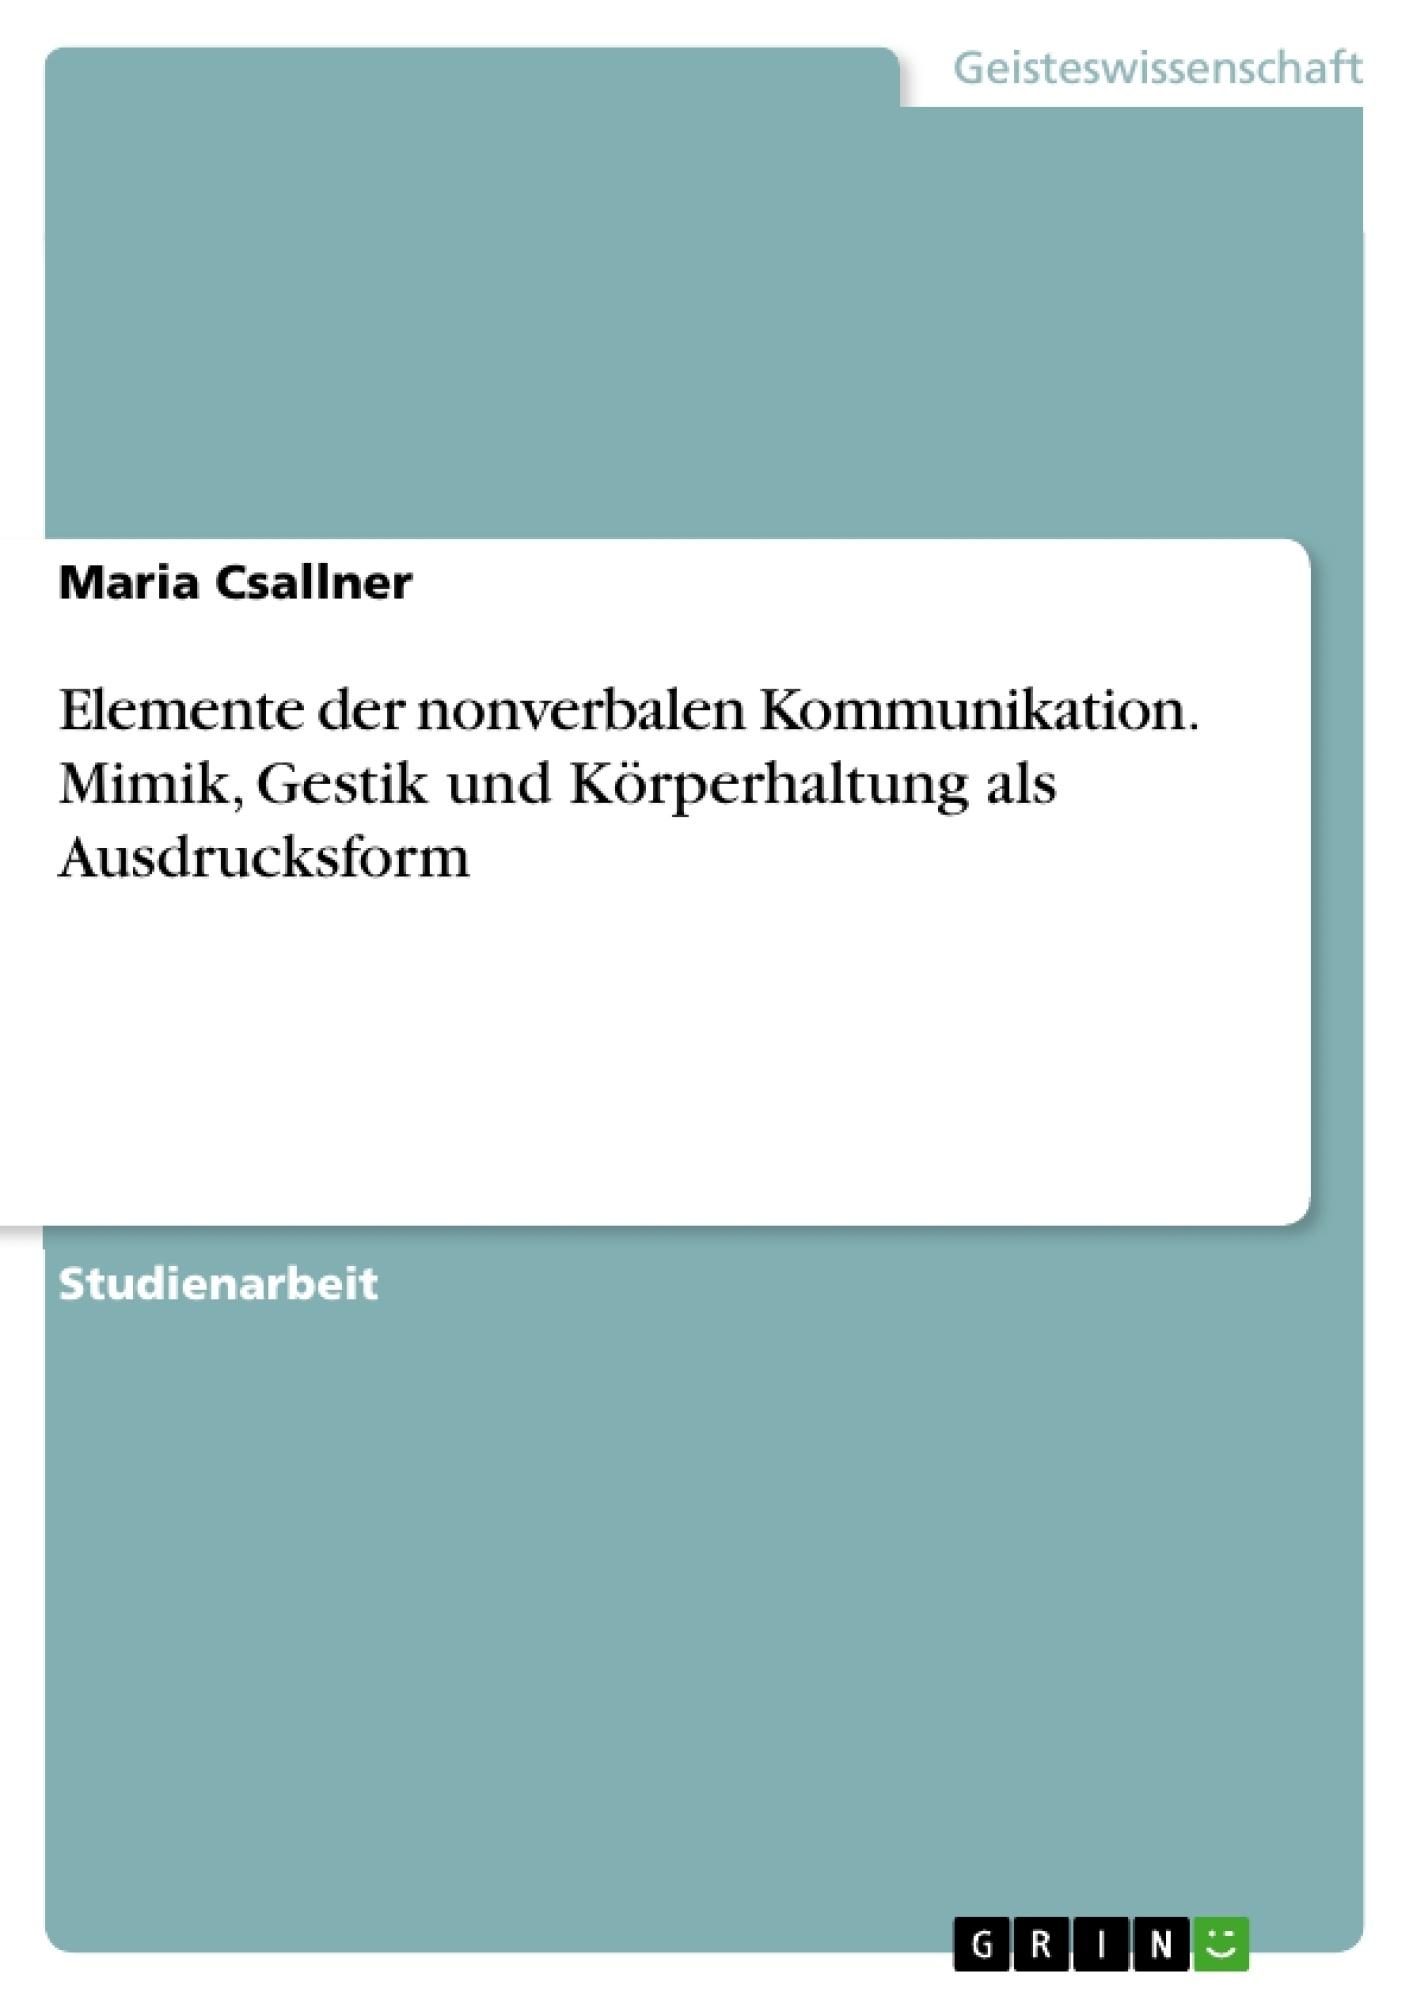 Titel: Elemente der nonverbalen Kommunikation. Mimik, Gestik und Körperhaltung als Ausdrucksform